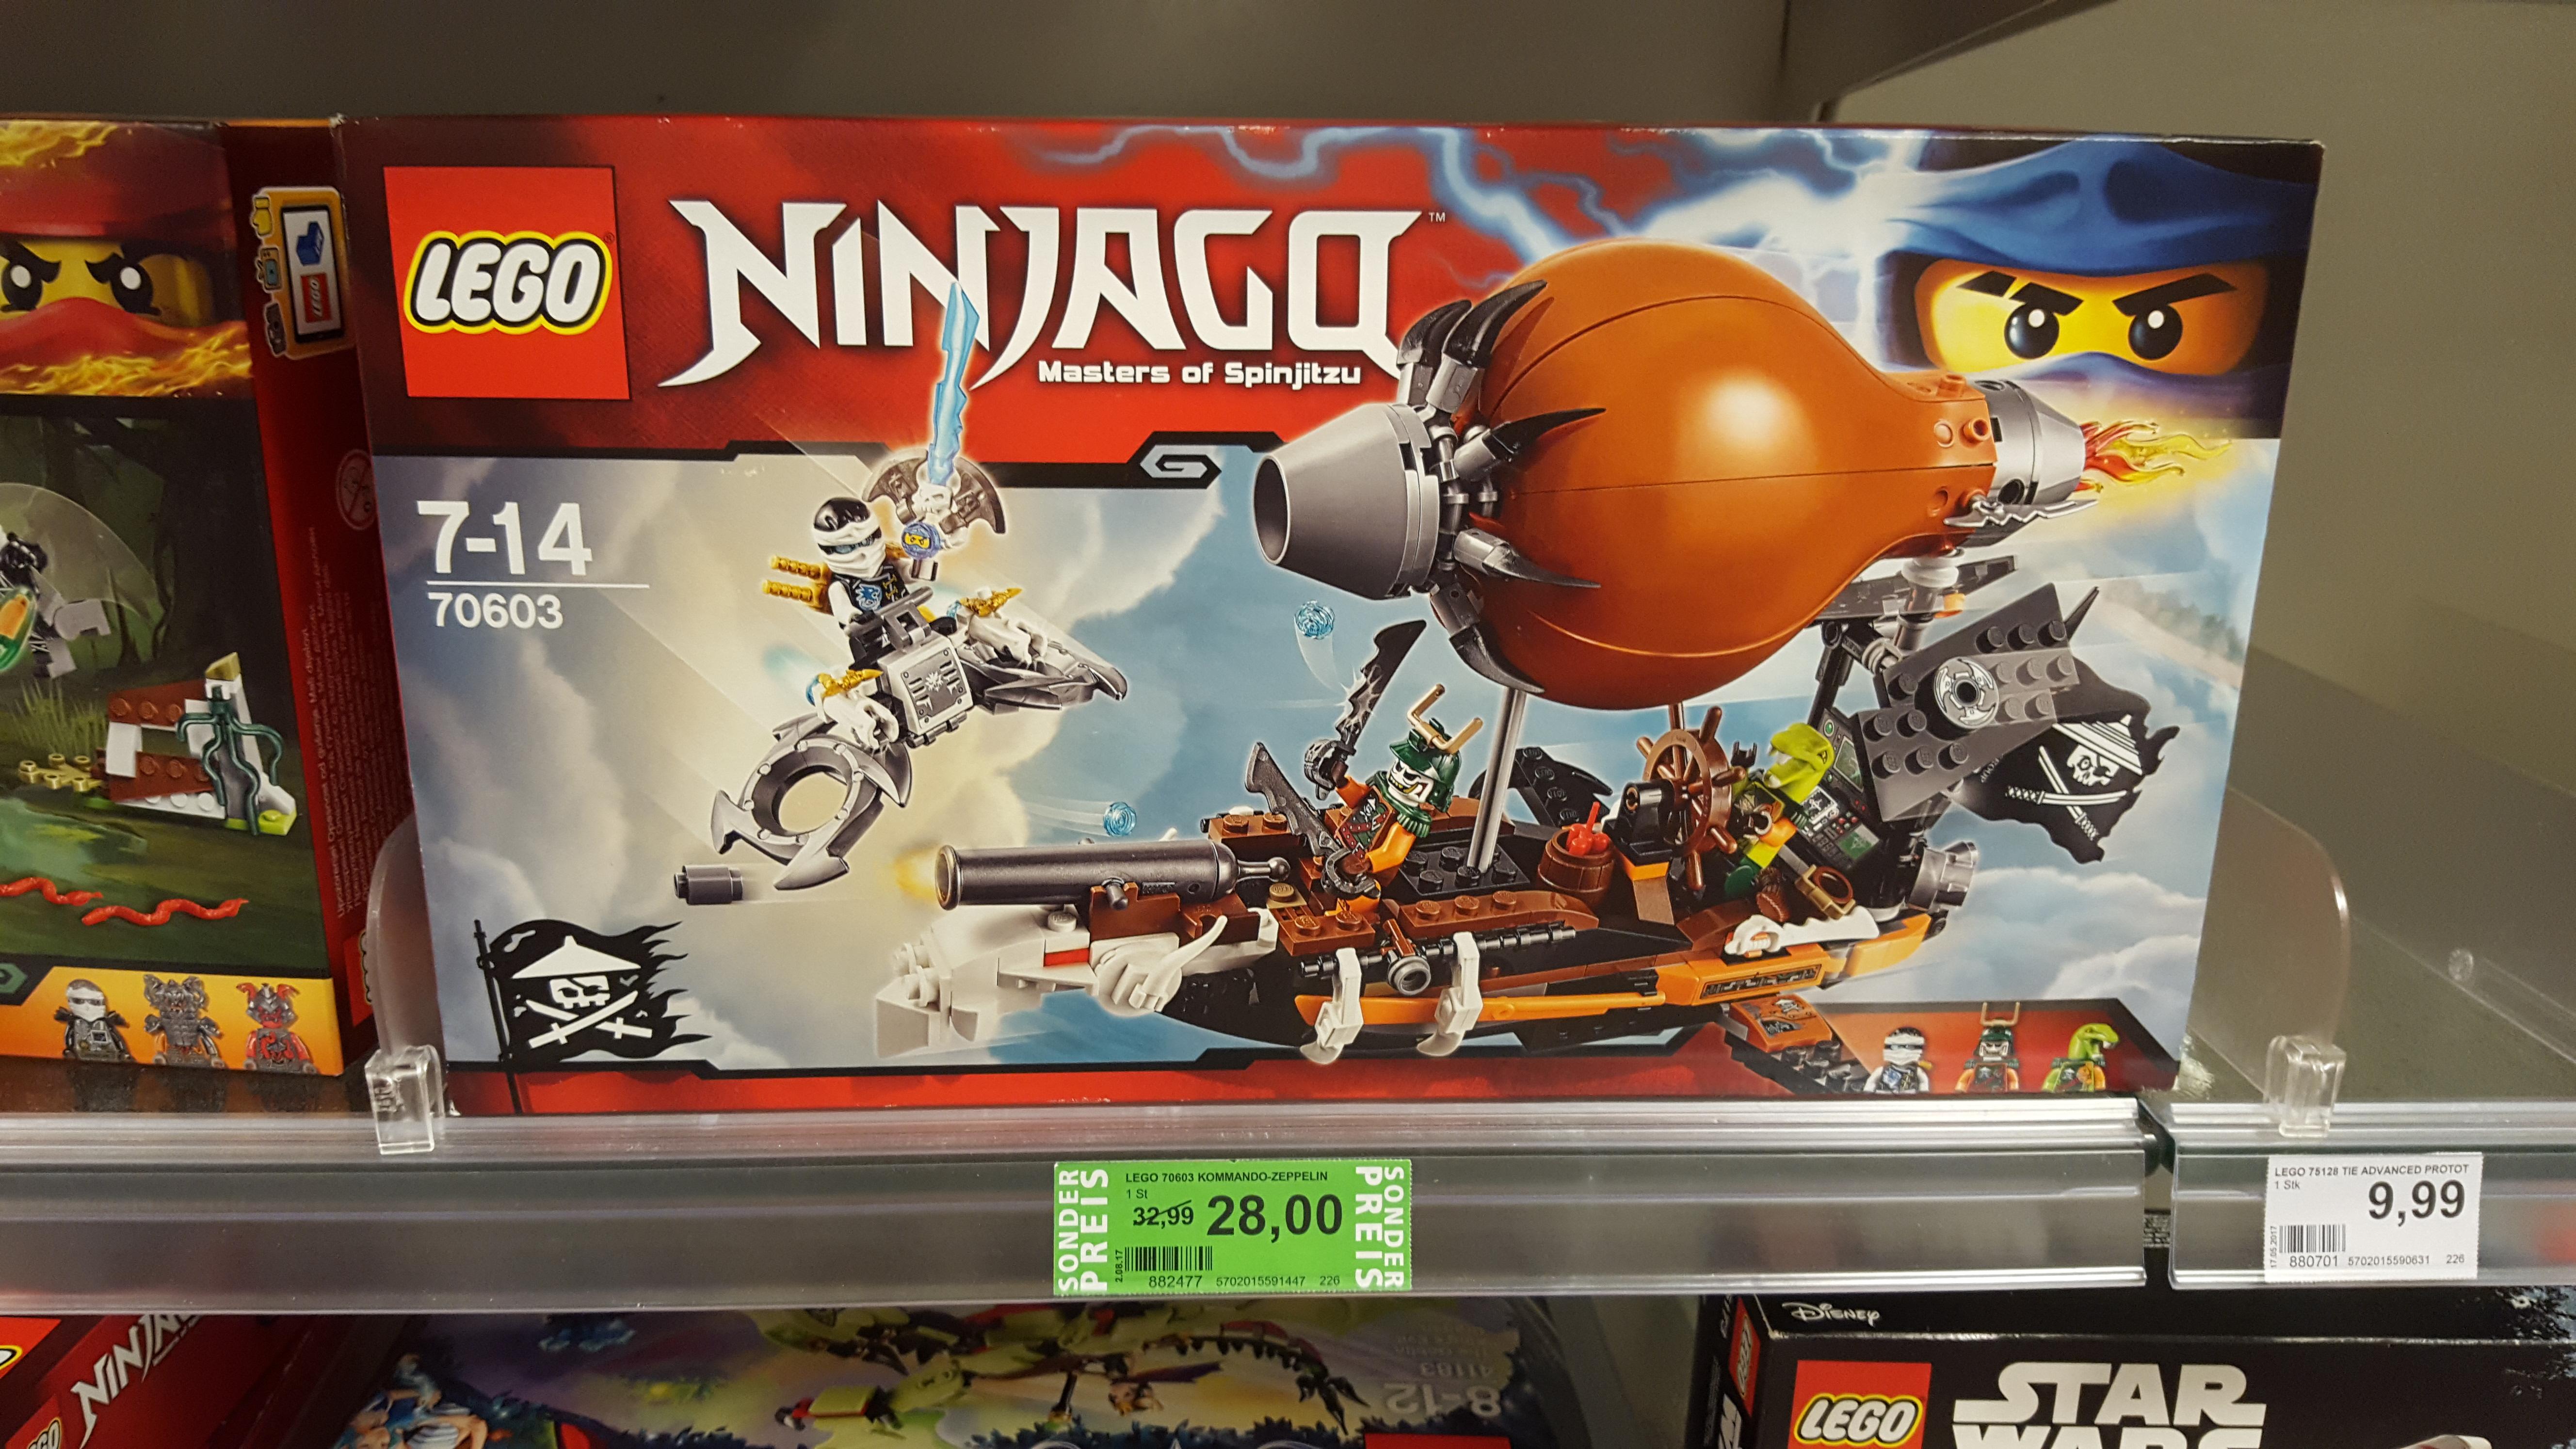 ca. 30% auf LEGO Ninjago bei Rossmann